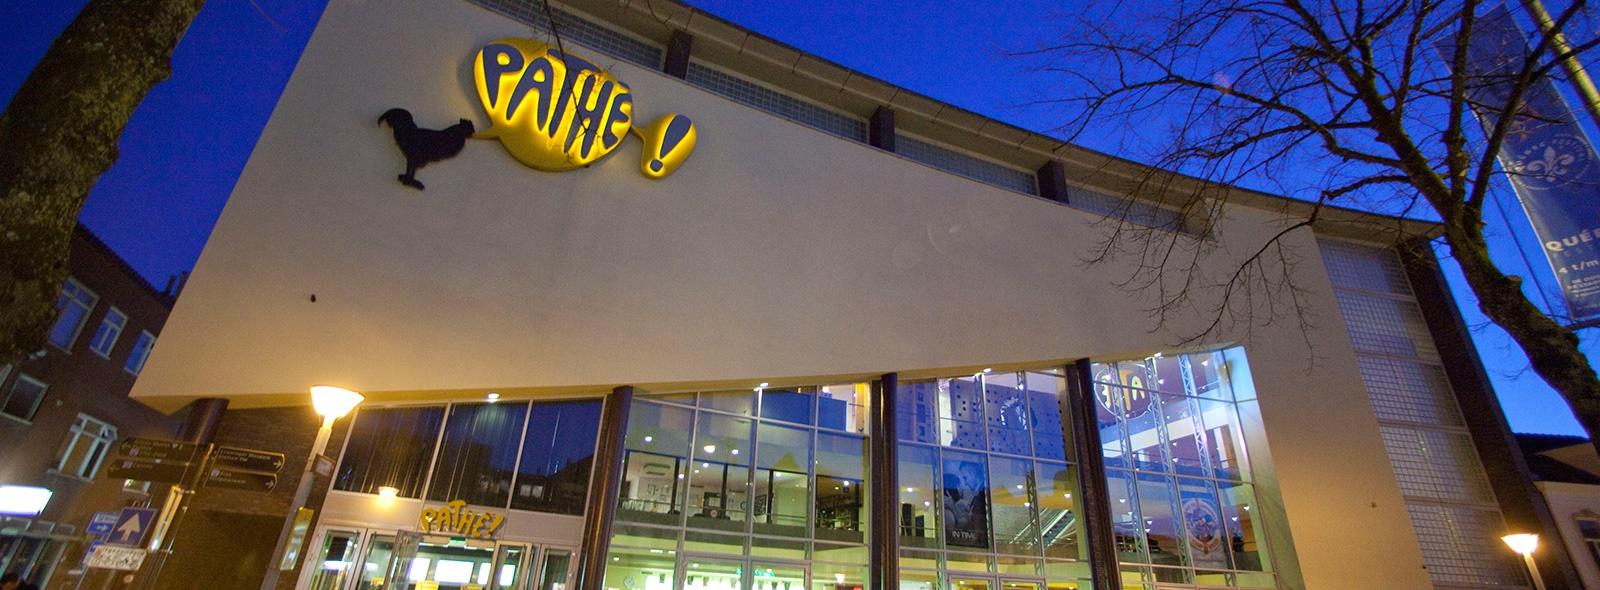 pathe.nl_1600x590px_groningen.jpg